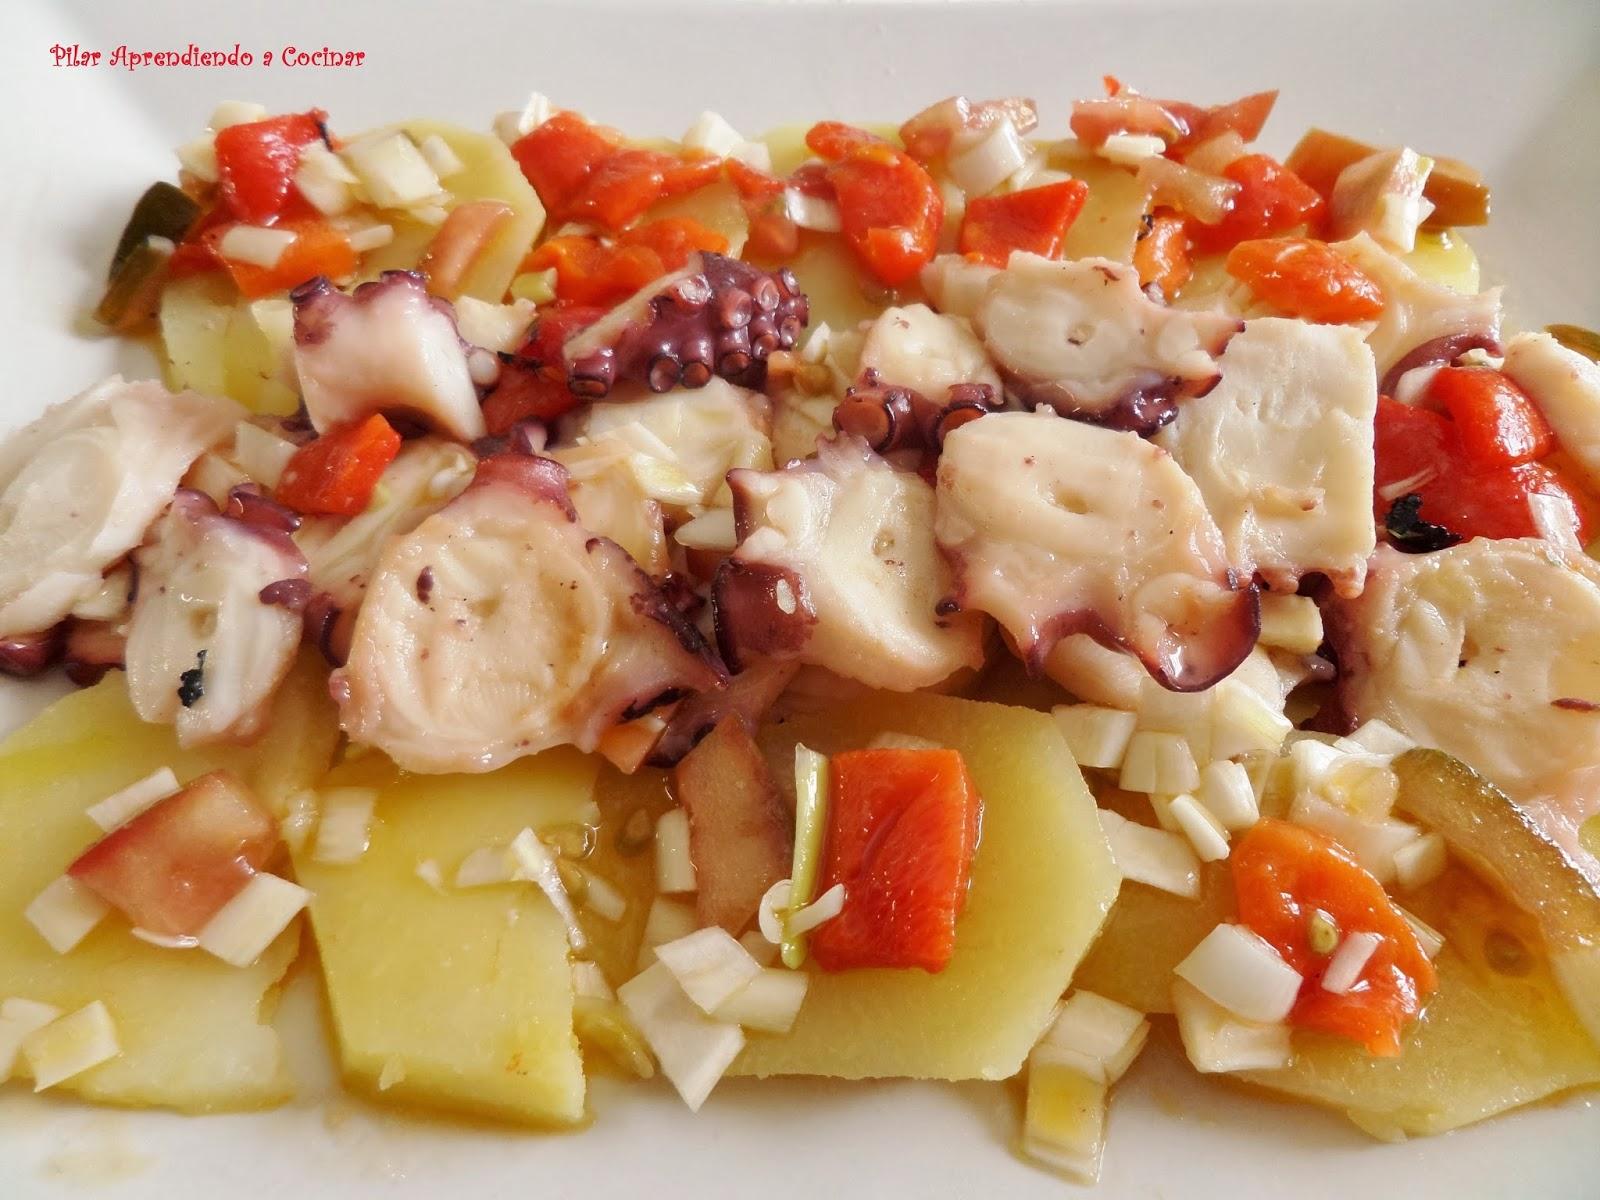 Aprendiendo a cocinar ensalada de pulpo asado con patatas for Cocinar repollo con patatas